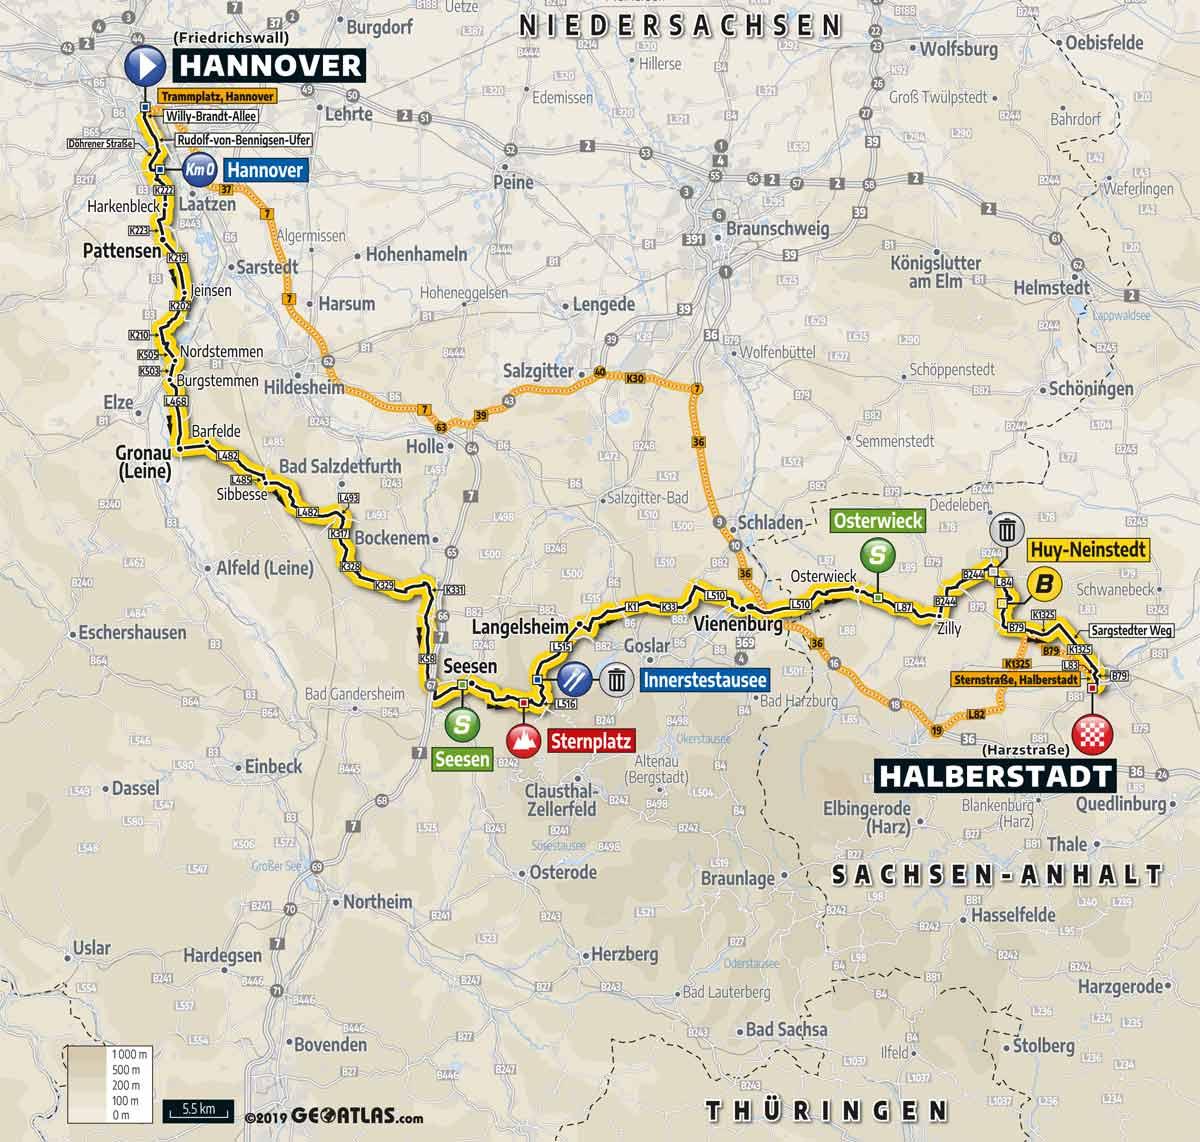 Deutschland Tour 2019 Karte Profil Vorschau Auf Etappe 1